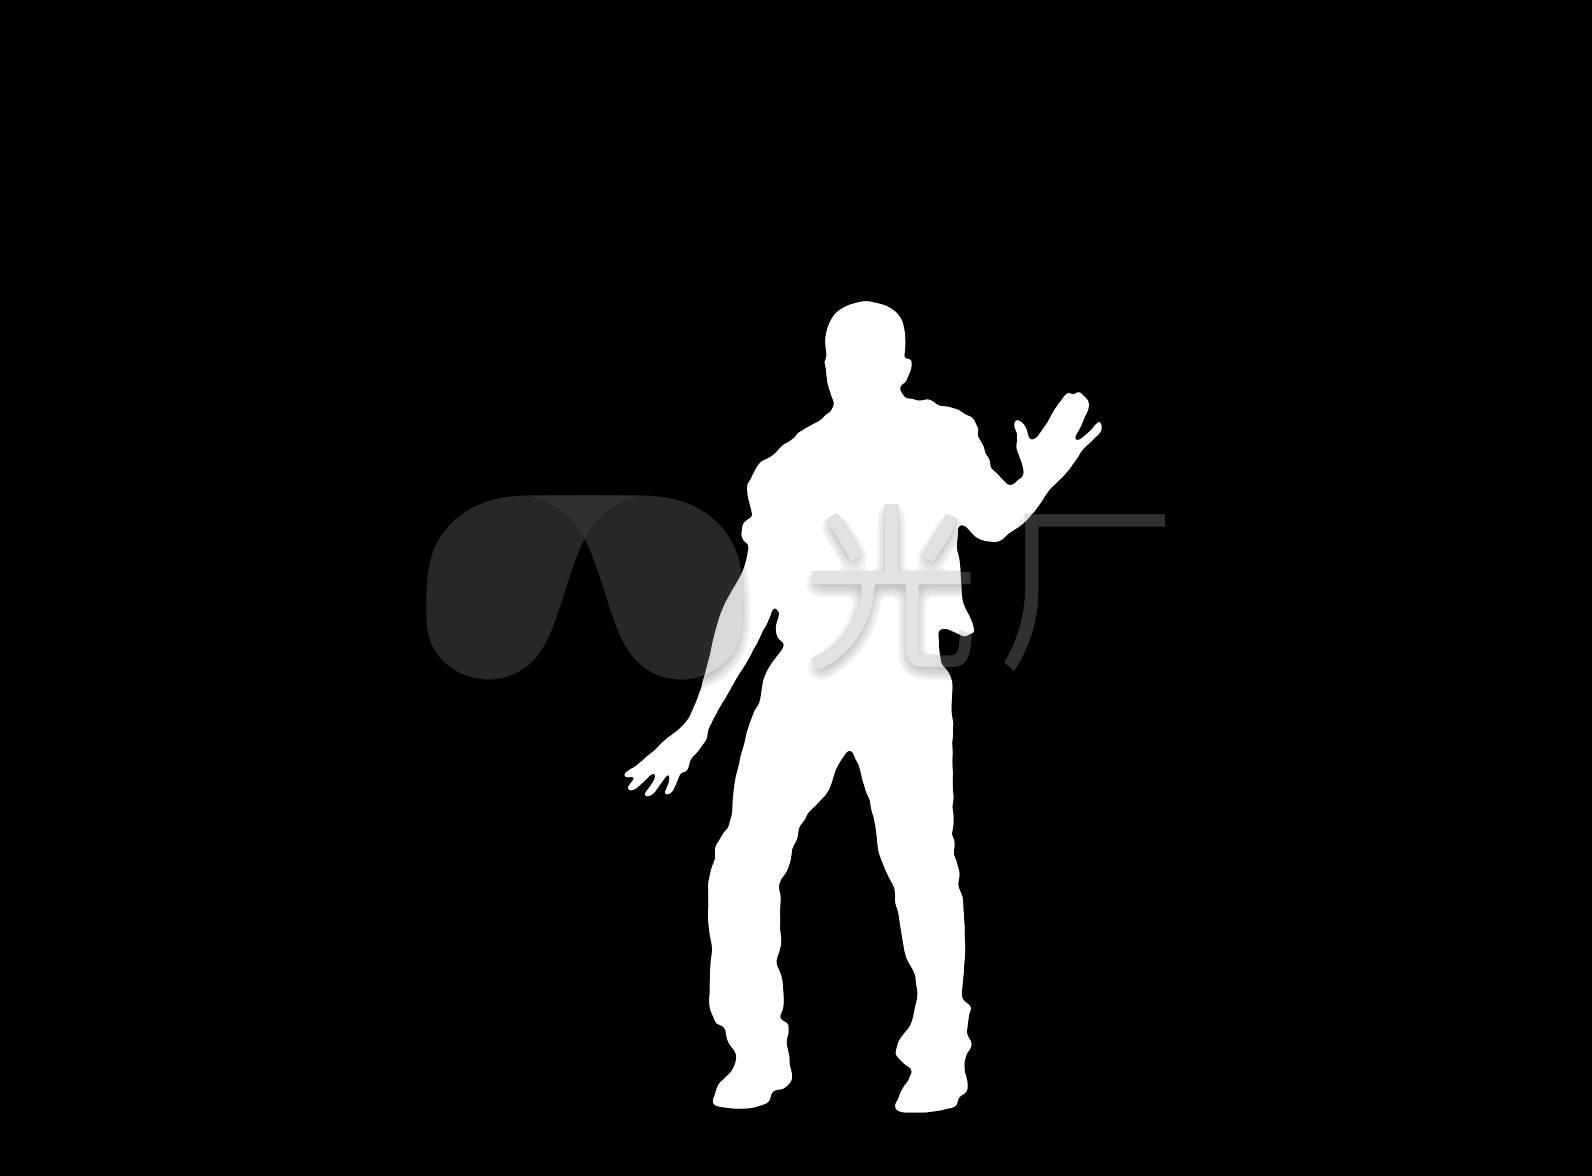 碳棒男人剪影动态跳舞抠像黑白_1592X1176_视频视频图片